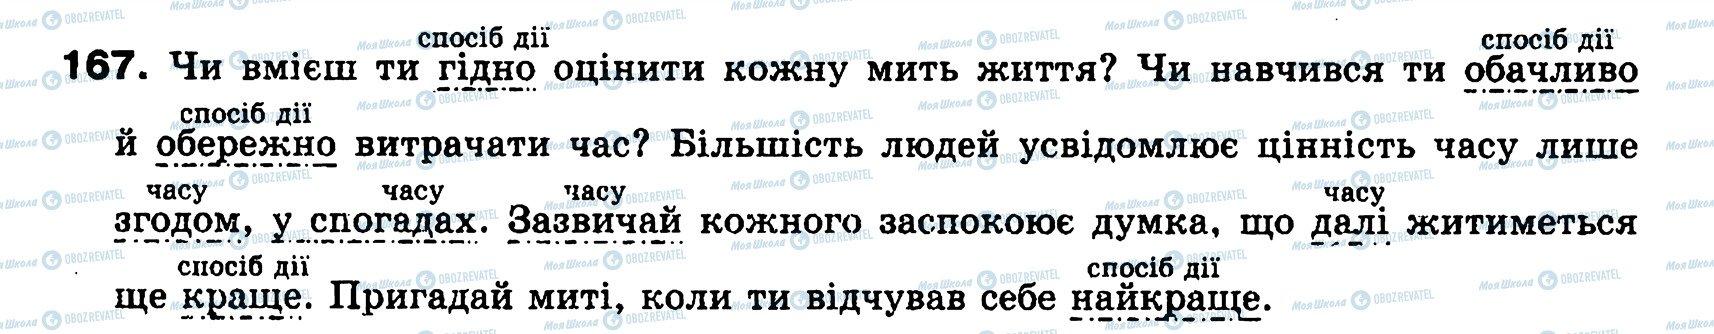 ГДЗ Українська мова 8 клас сторінка 167